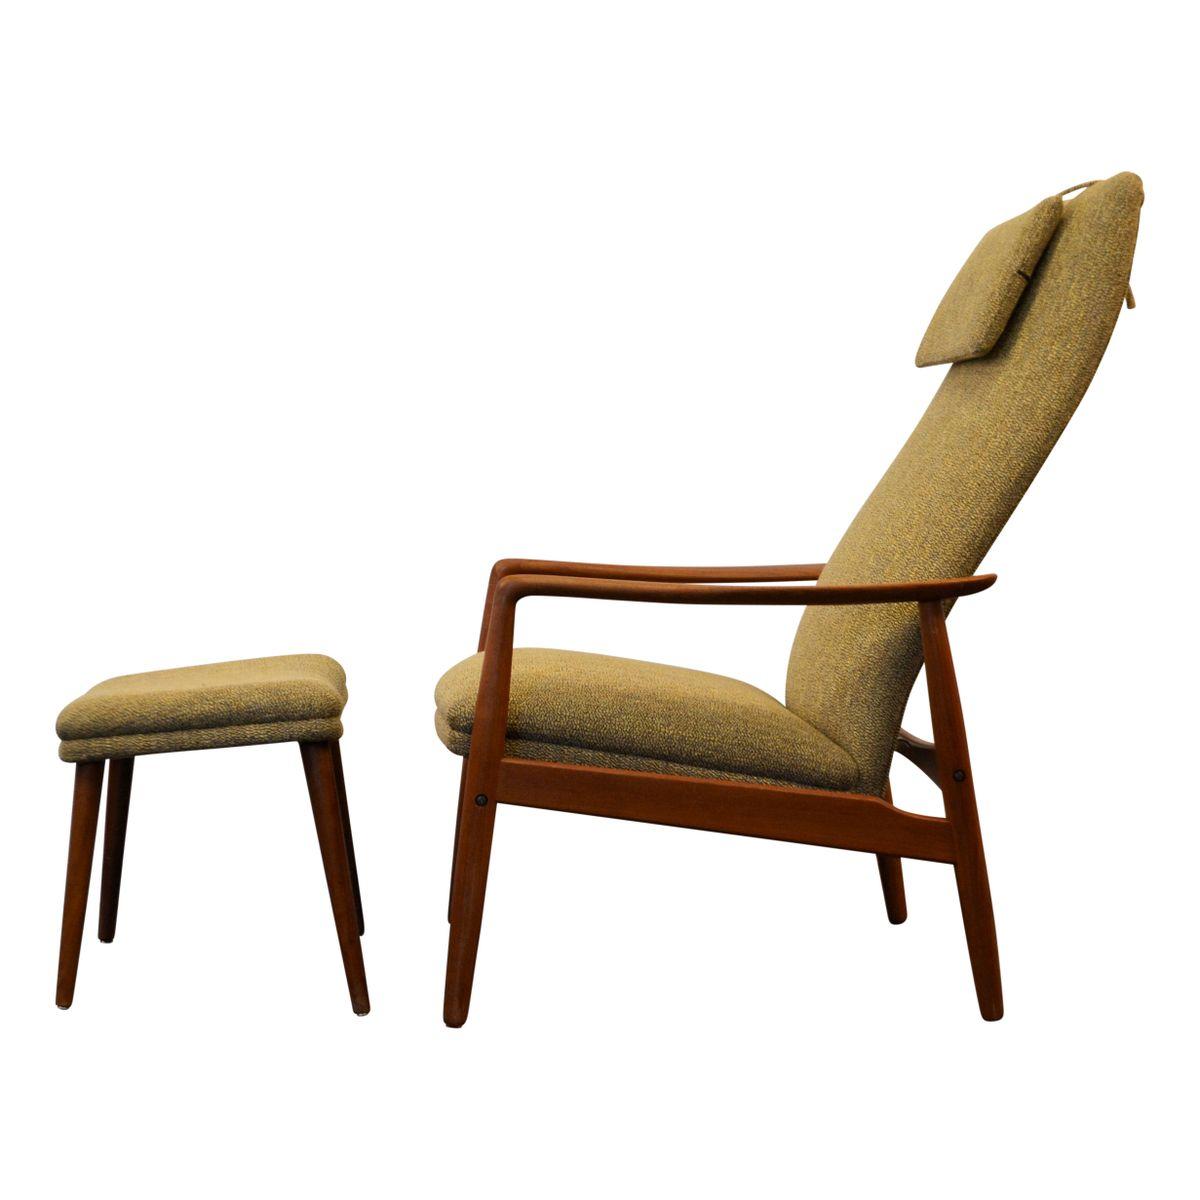 Vintage Teak Lounge Chair U0026 Footstool By Søren Ladefoged For SL Møbler